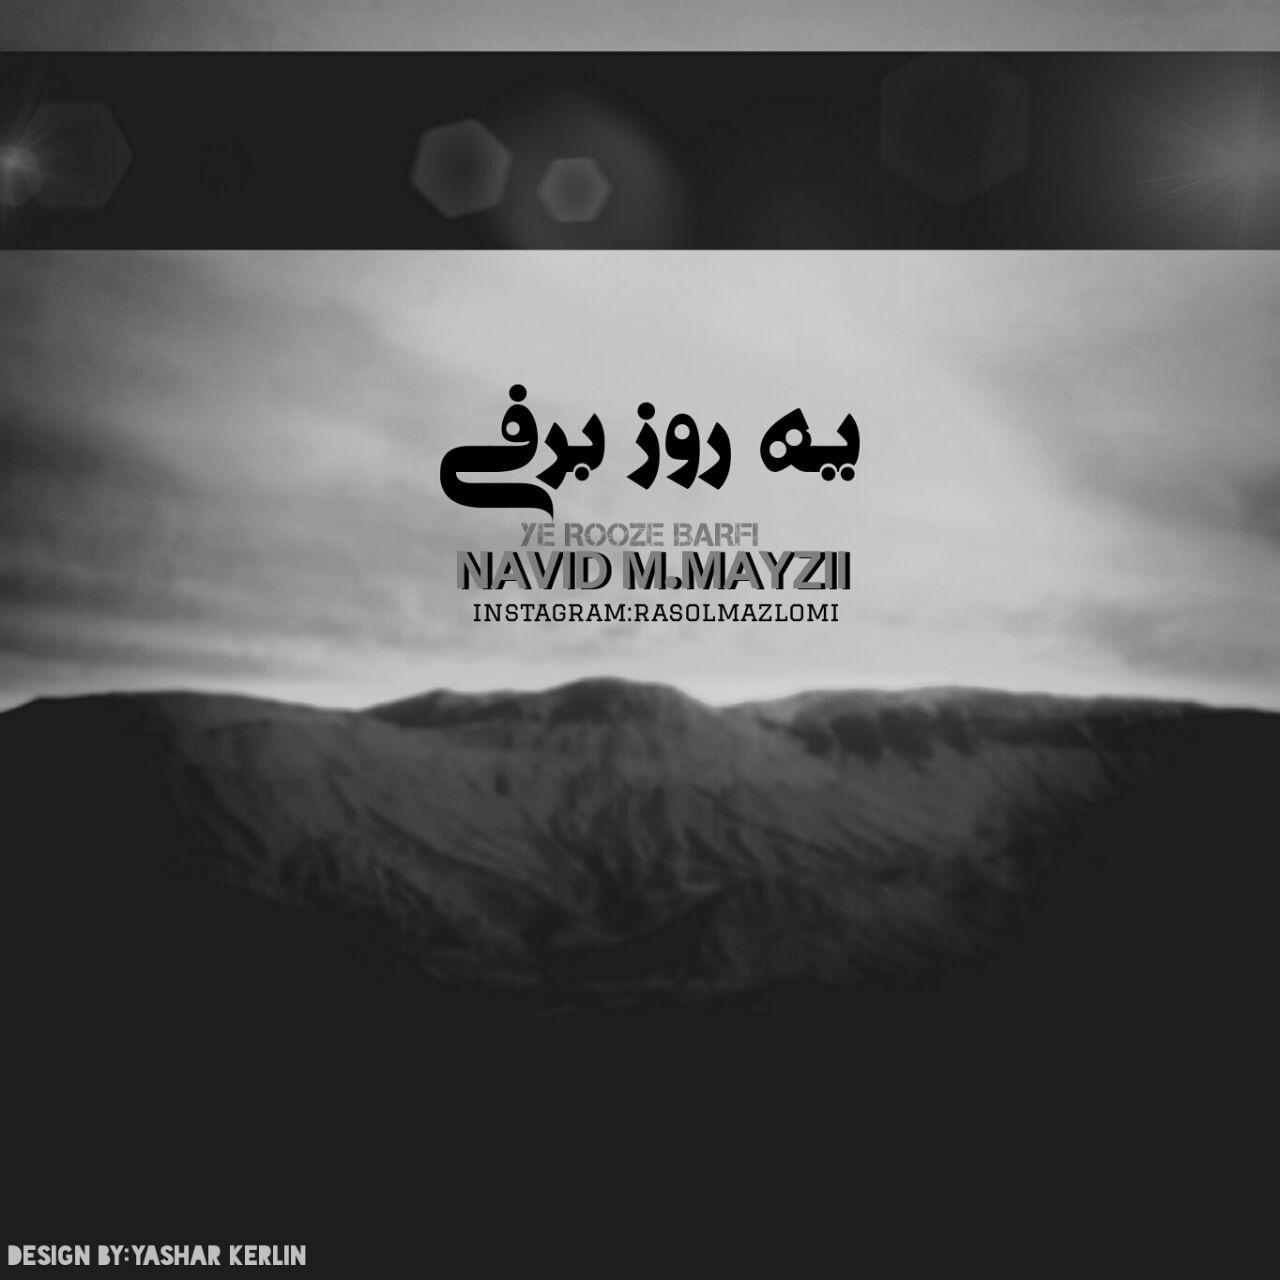 دانلود آهنگ جدید Navid M.Mayzii به نام یه روز برفی